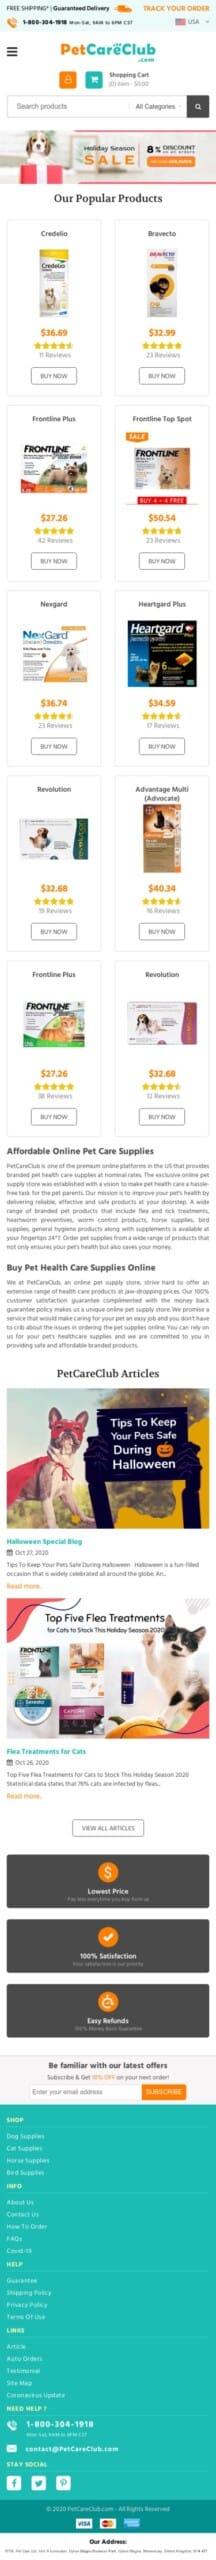 PetCareClub.com Coupon